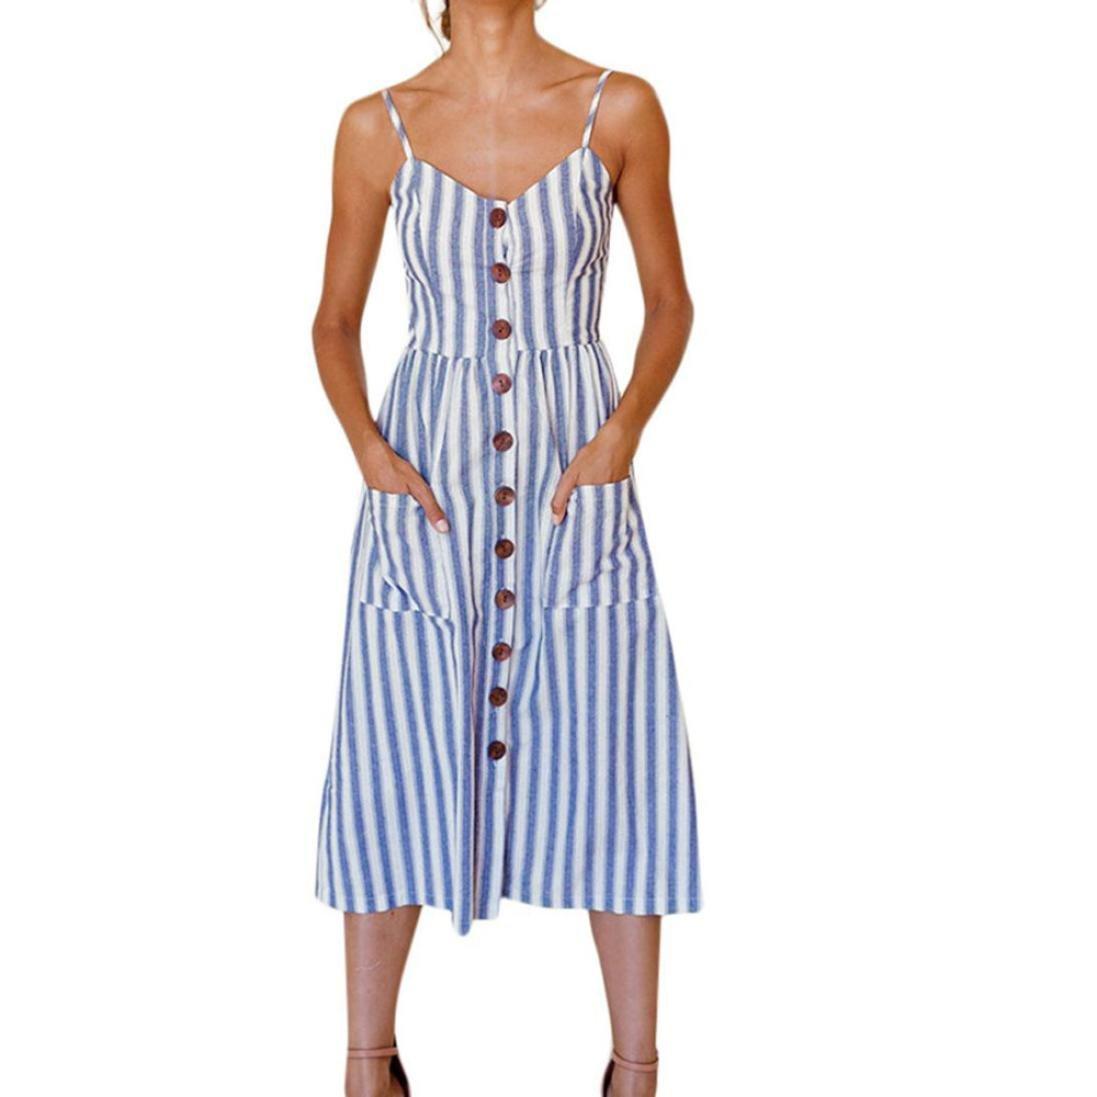 Vestidos Mujer Casual, Mujeres Vacaciones Rayas Damas Verano Playa Botones Vestido de Fiesta LMMVP: Amazon.es: Ropa y accesorios